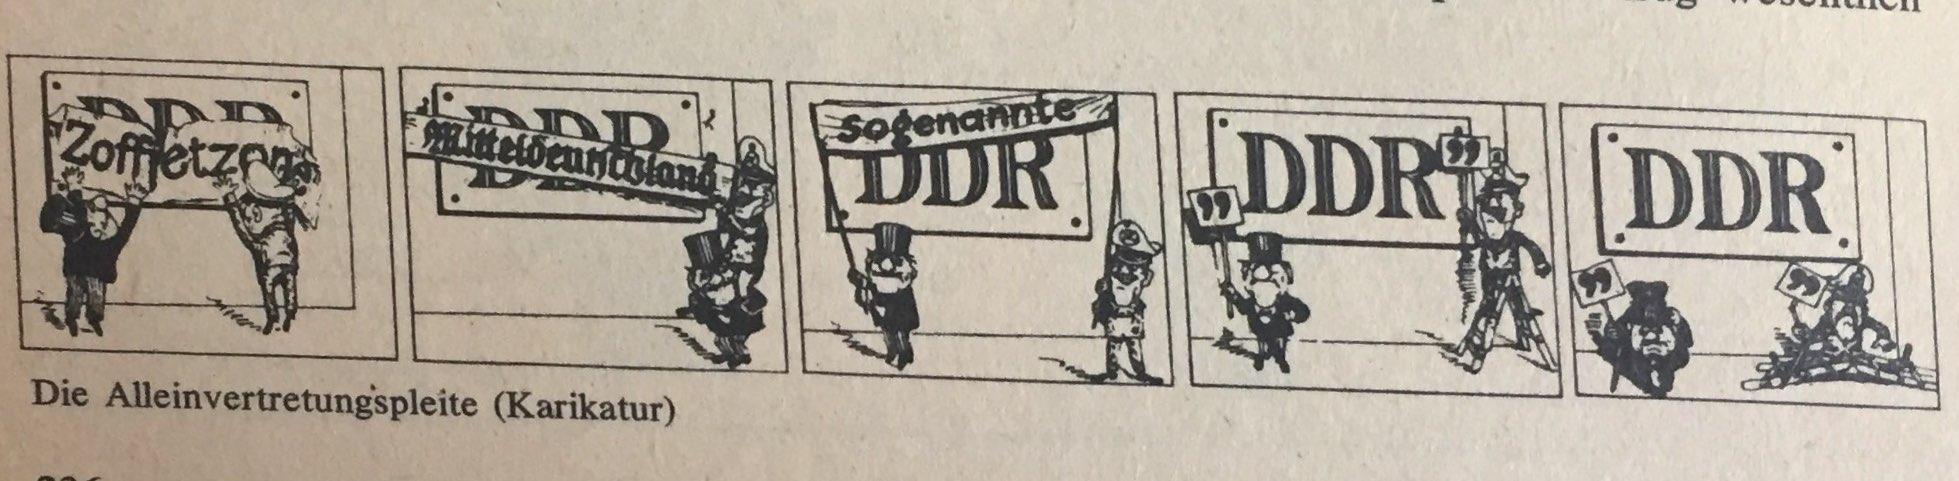 Die weitere Entwicklung der DDR als Bestandteil der sozialistischen Staatengemeinschaft